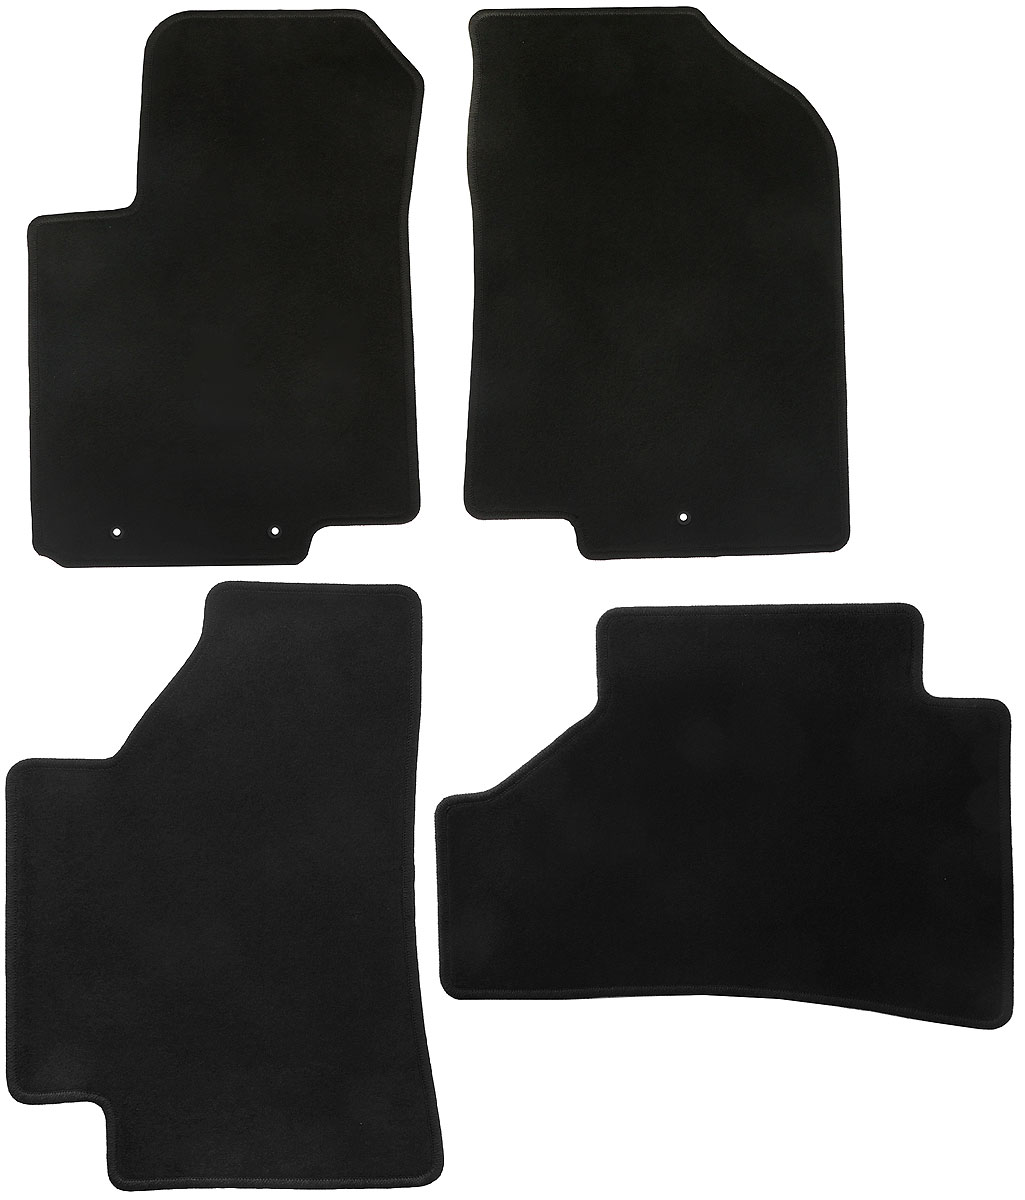 Набор автомобильных ковриков Klever для Hyundai Solaris 2011-, хэтчбек/седан, в салон, 4 шт. KVR01204501200k недорго, оригинальная цена